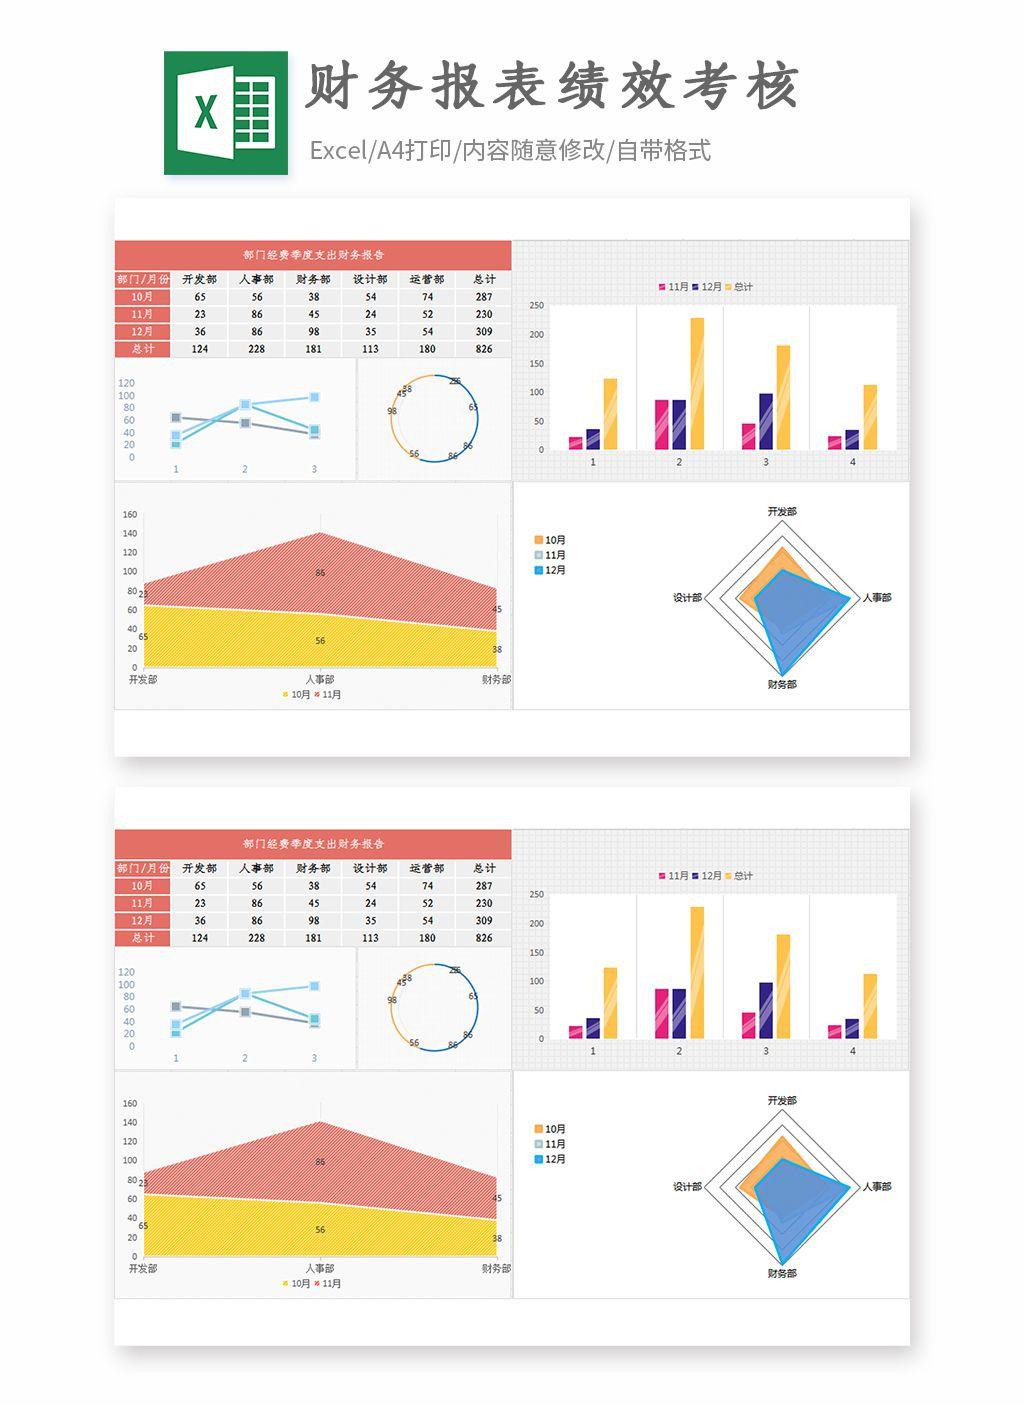 财务报表Excel模板